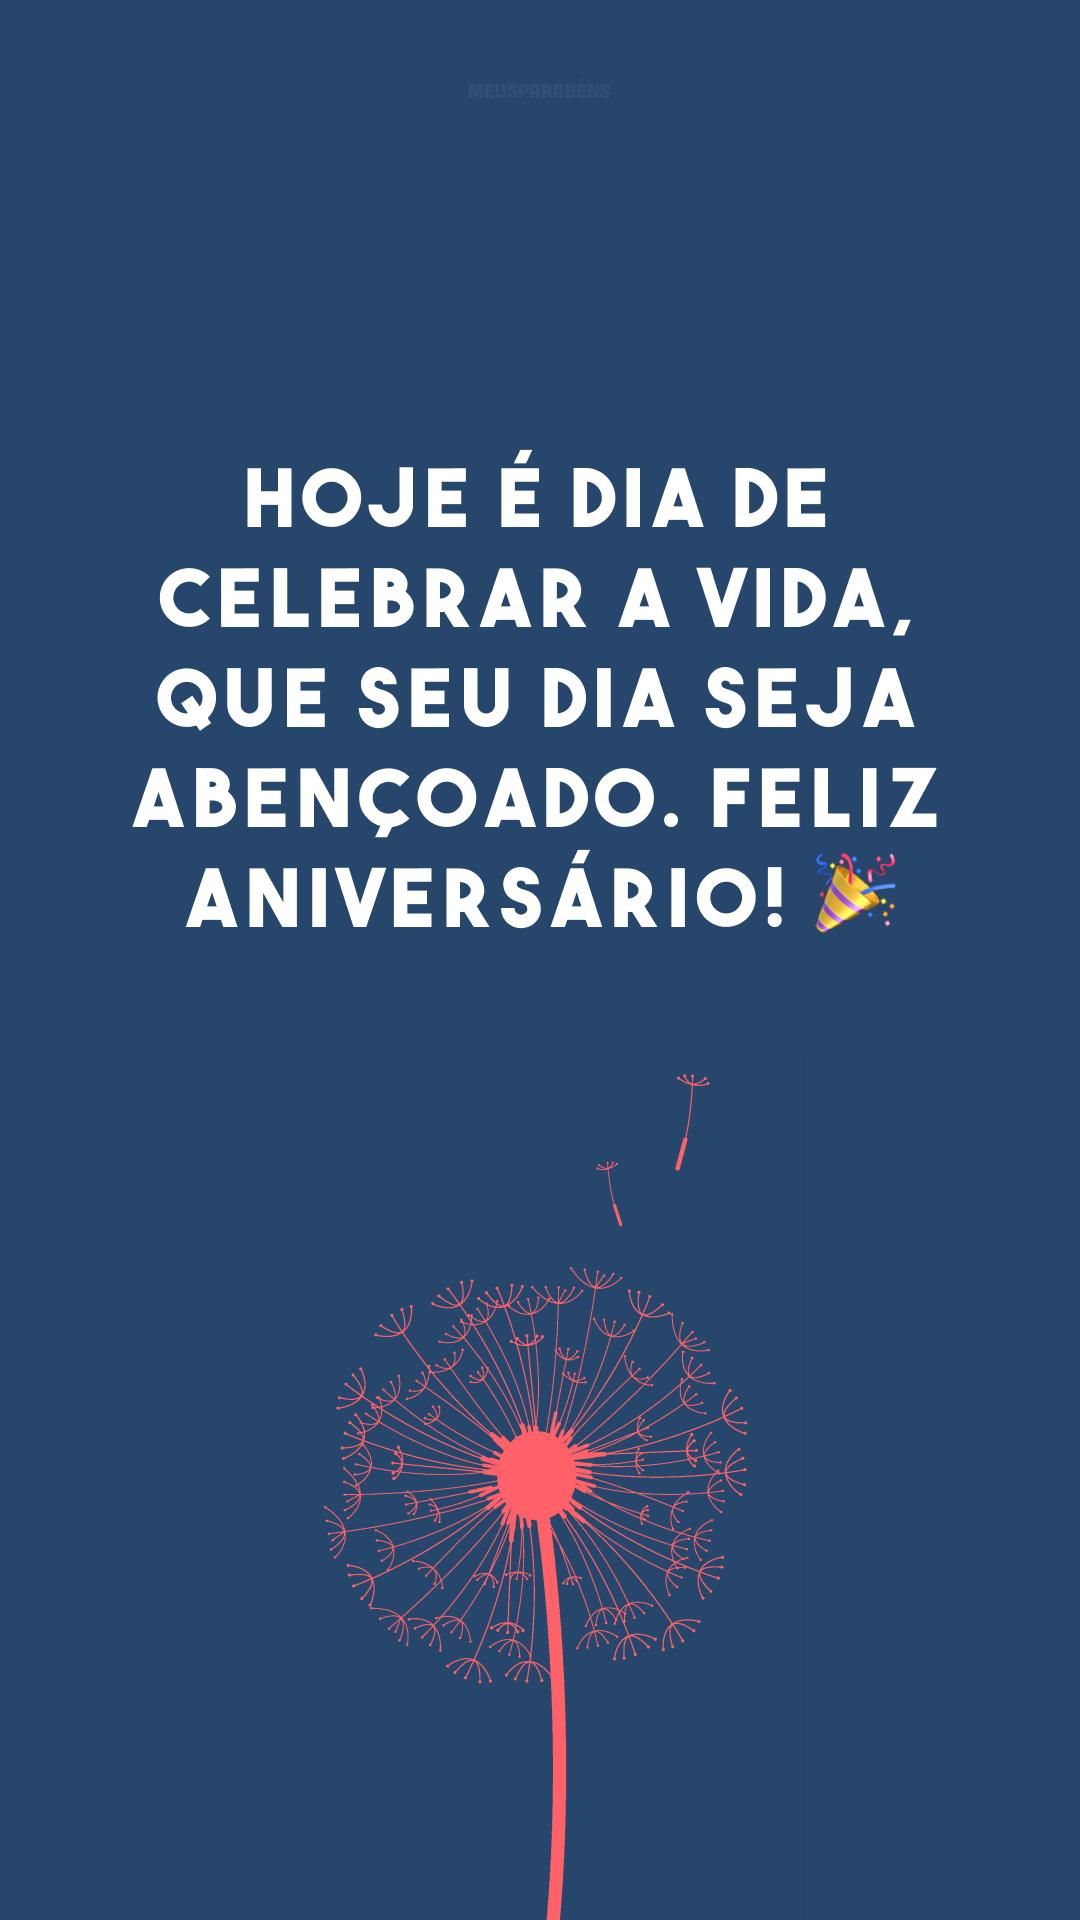 Hoje é dia de celebrar a vida, que seu dia seja abençoado. Feliz aniversário! ?